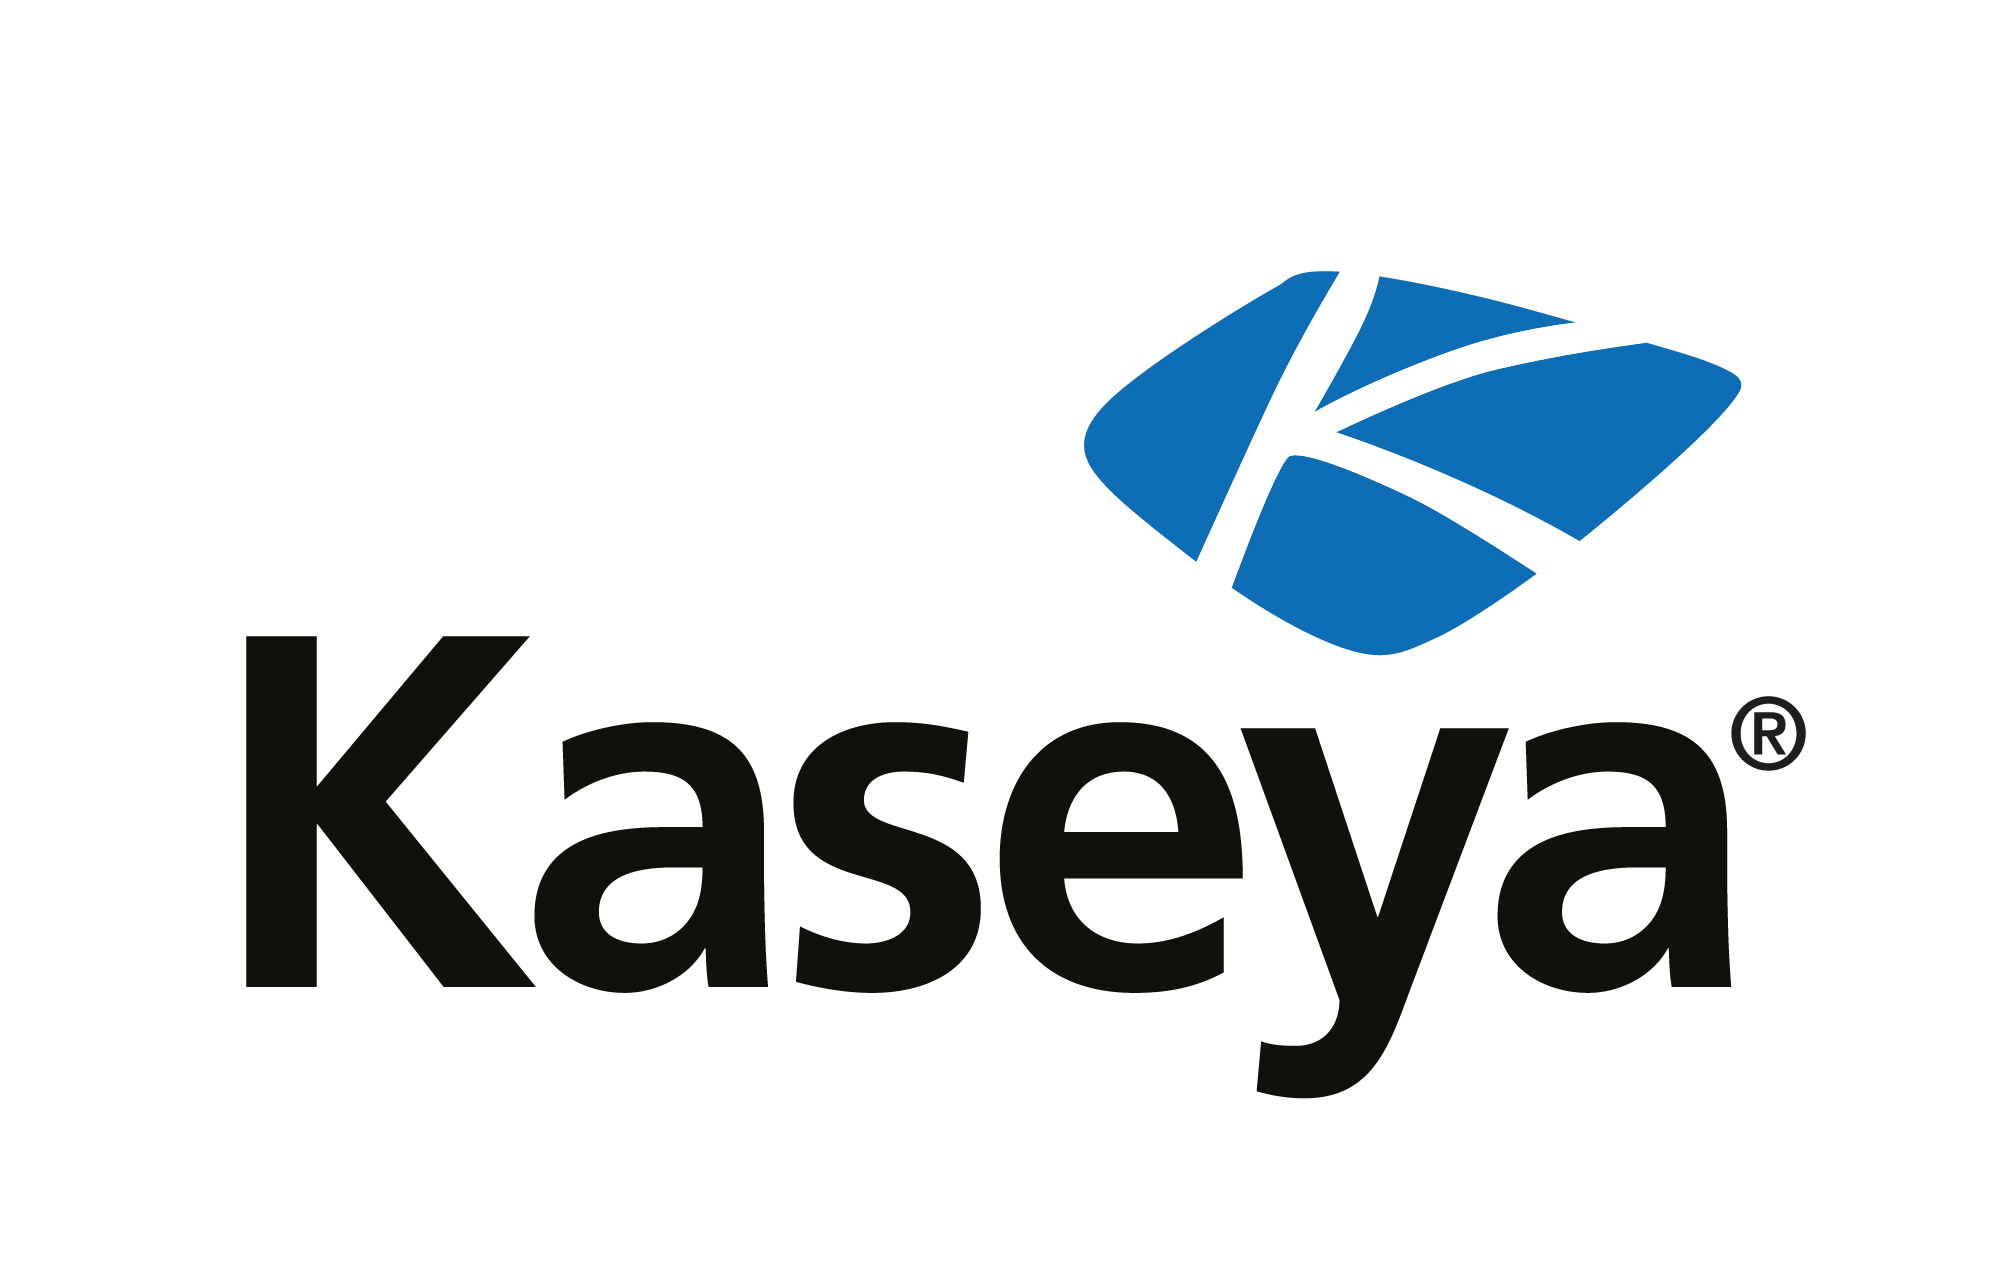 Kaseya übernimmt ID Agent und erweitert seine IT Complete Plattform um Dark Web Monitoring sowie Identity Management